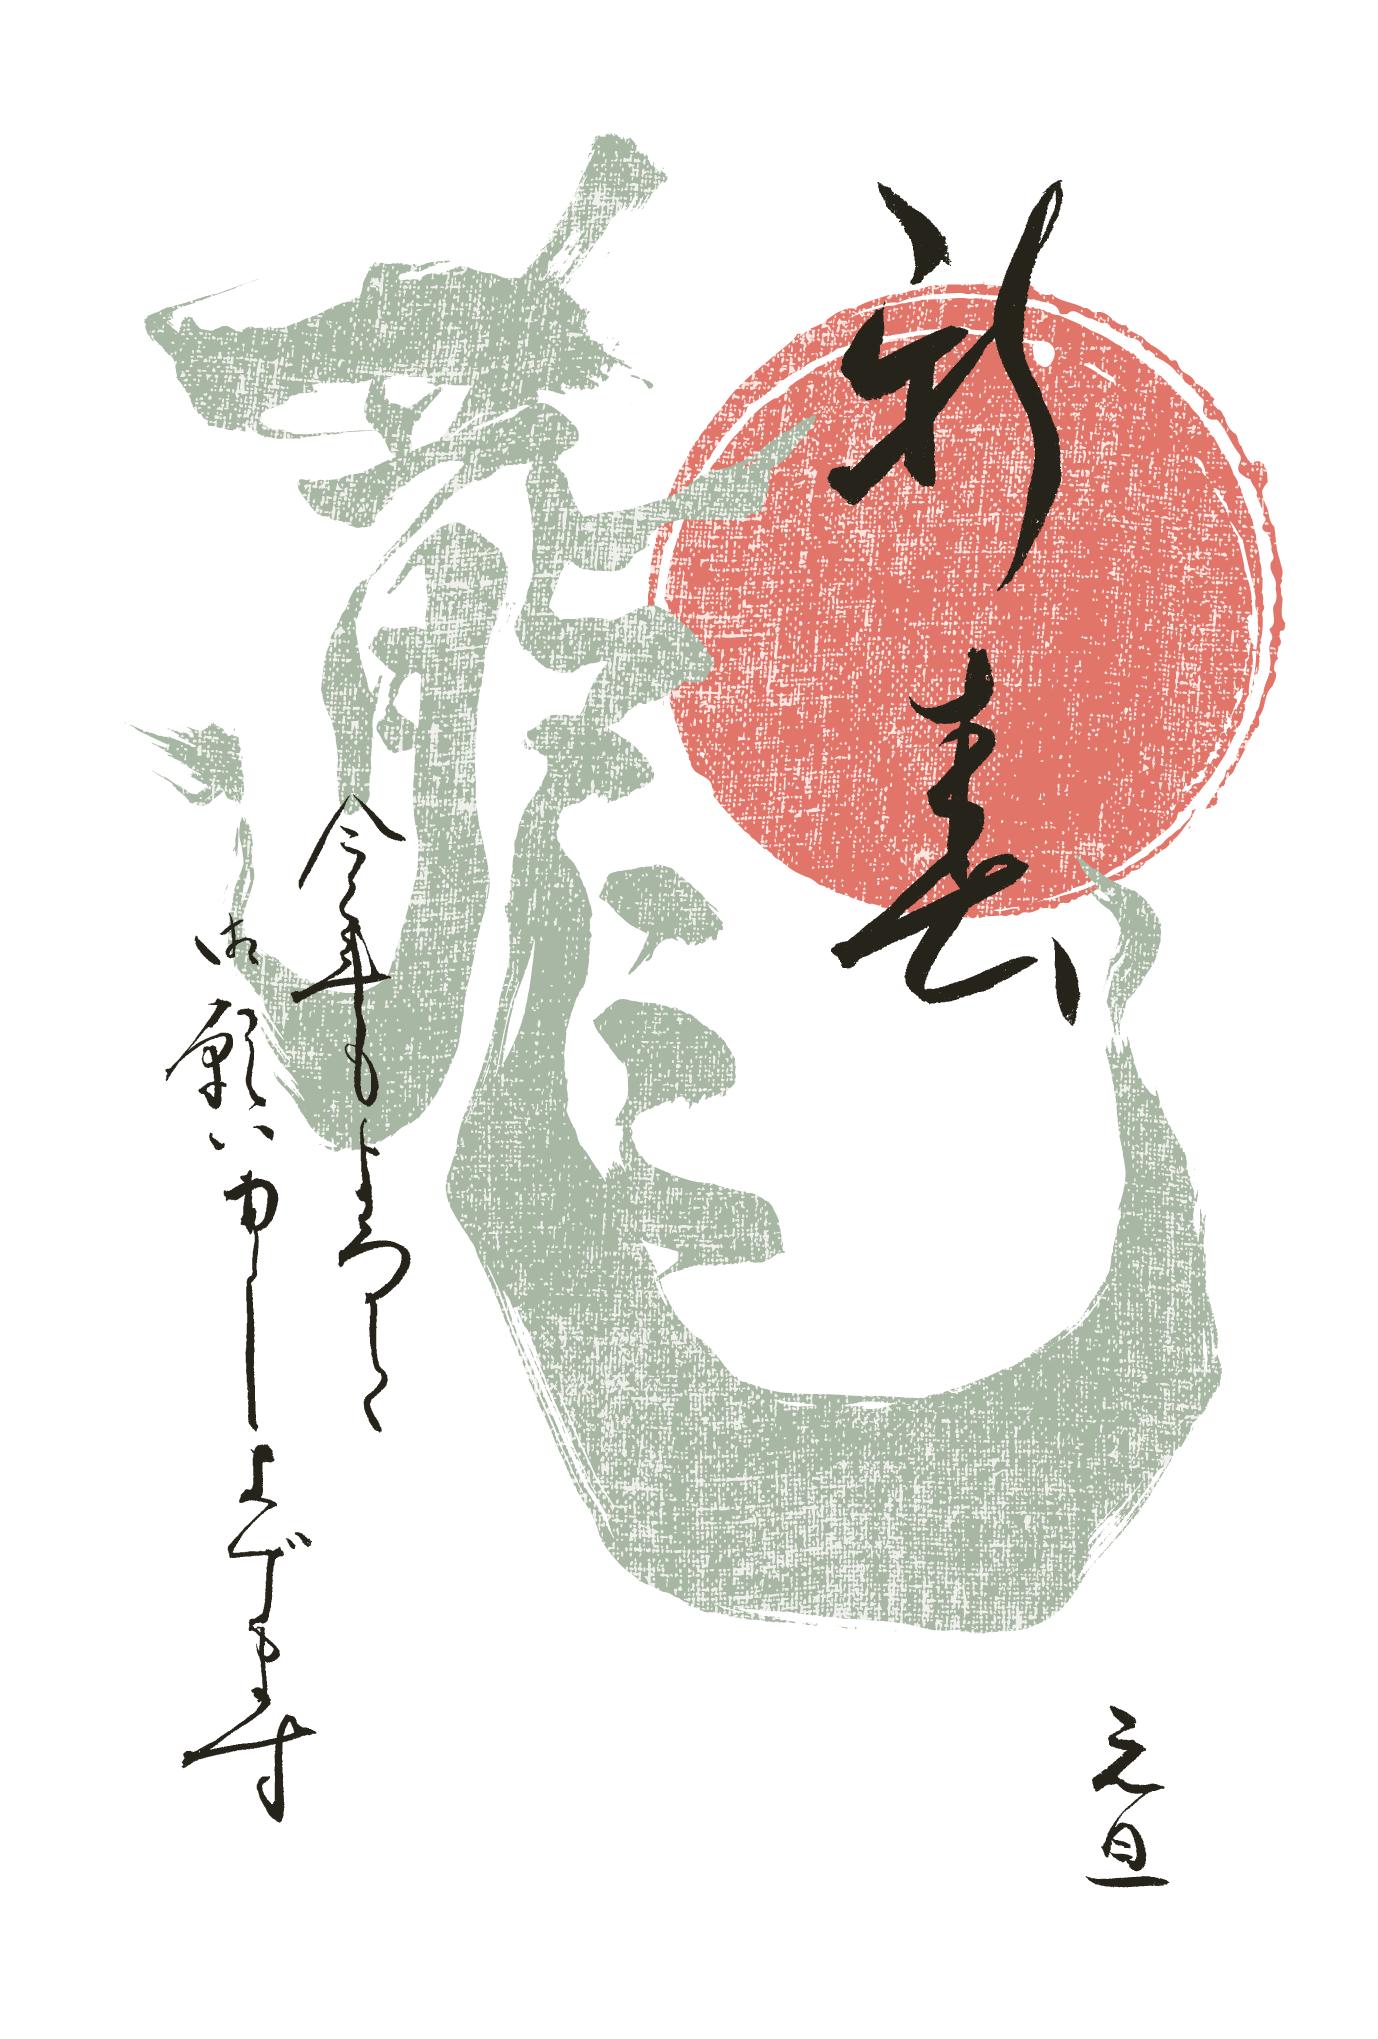 2012年賀状12:龍 Calligraphy(新春)のダウンロード画像